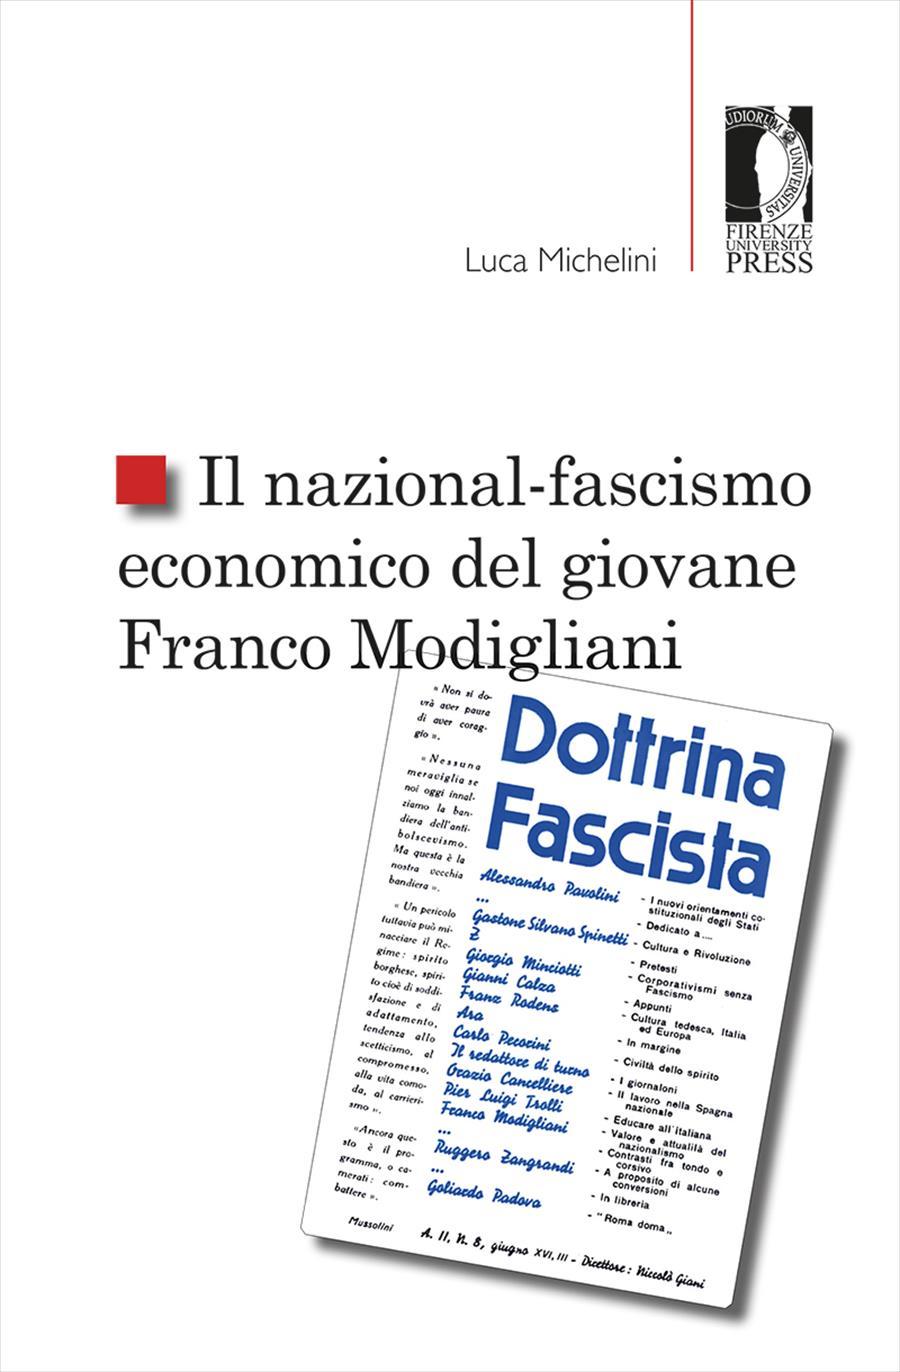 Il nazional-fascismo economico del giovane Franco Modigliani